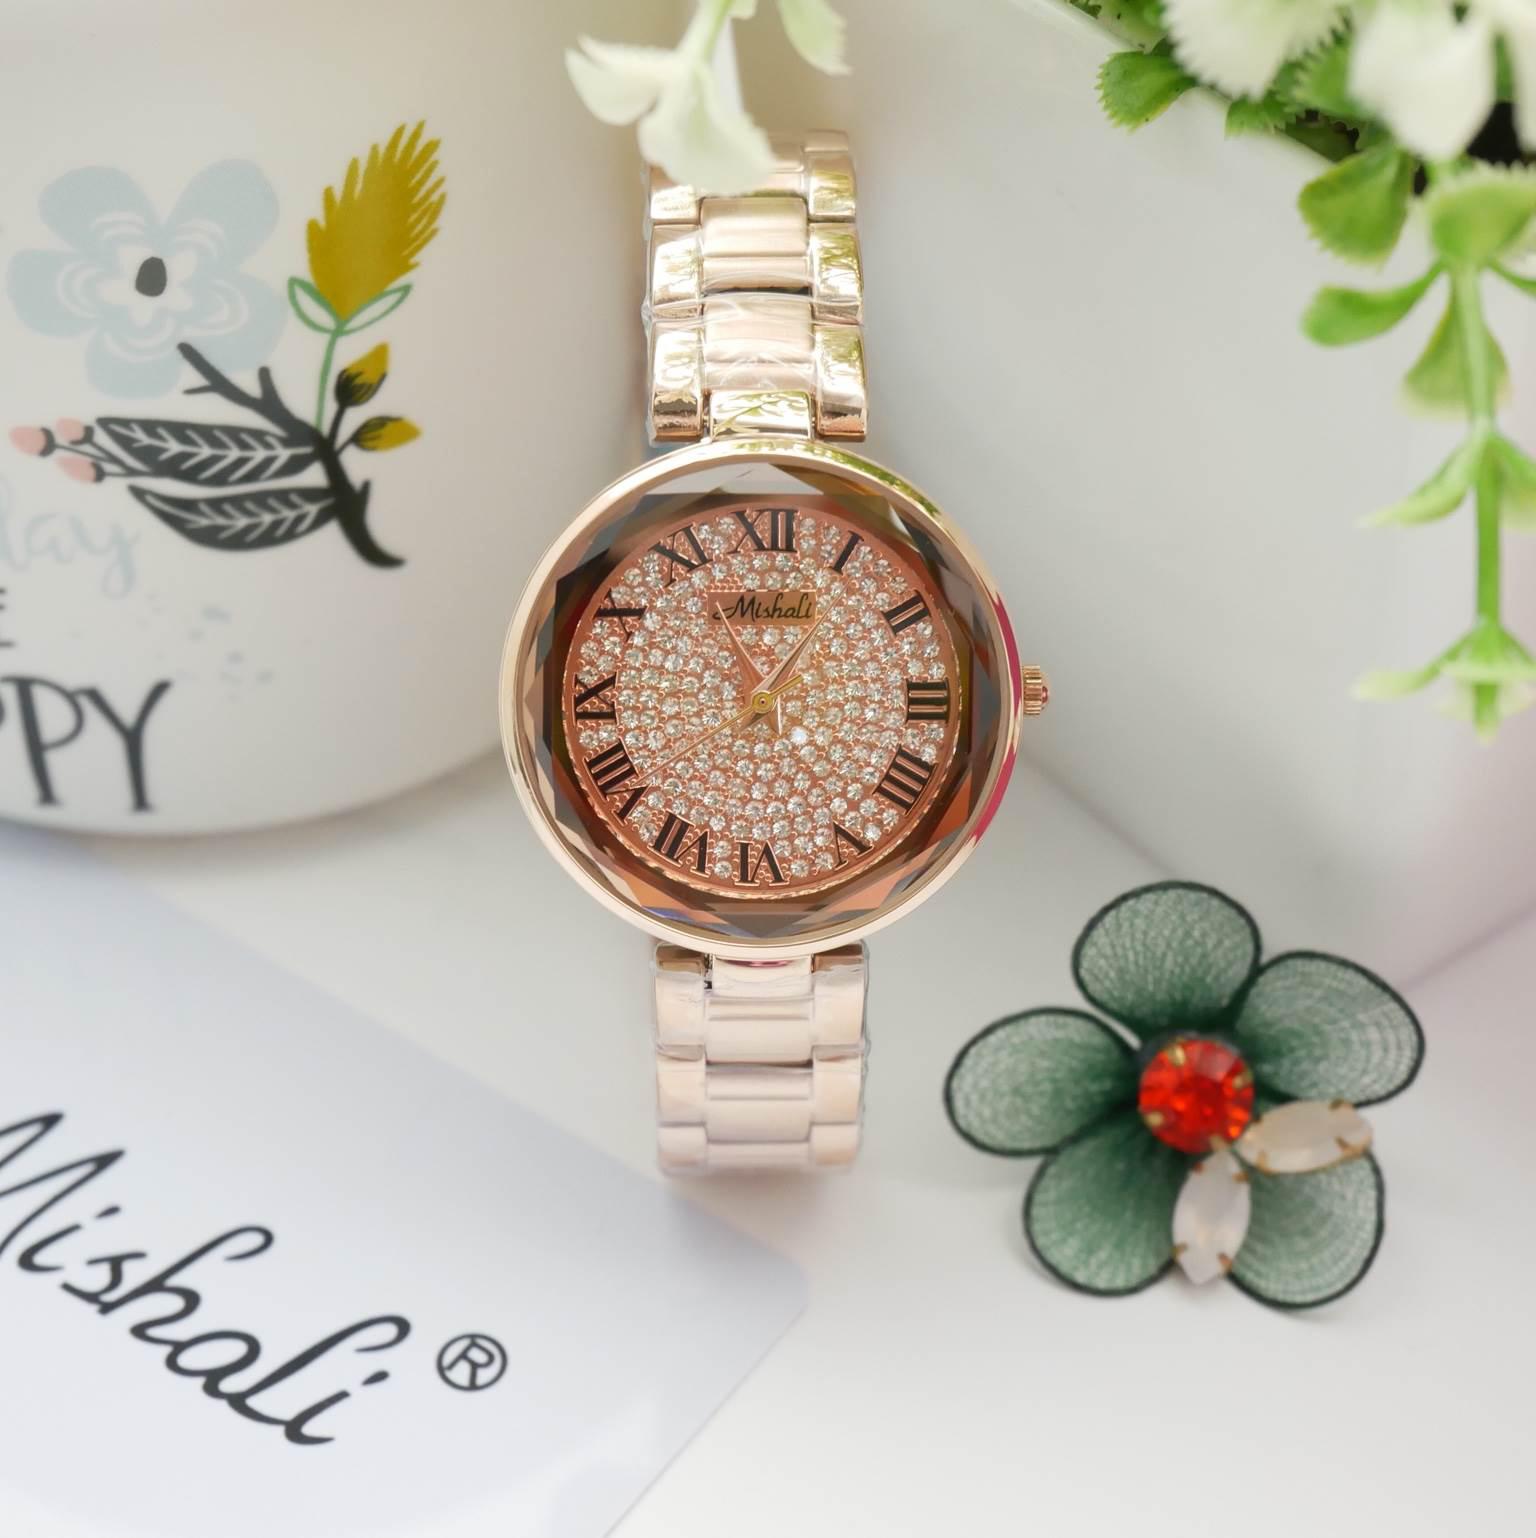 นาฬิกาข้อมือผู้หญิง MISHALI M18038 A